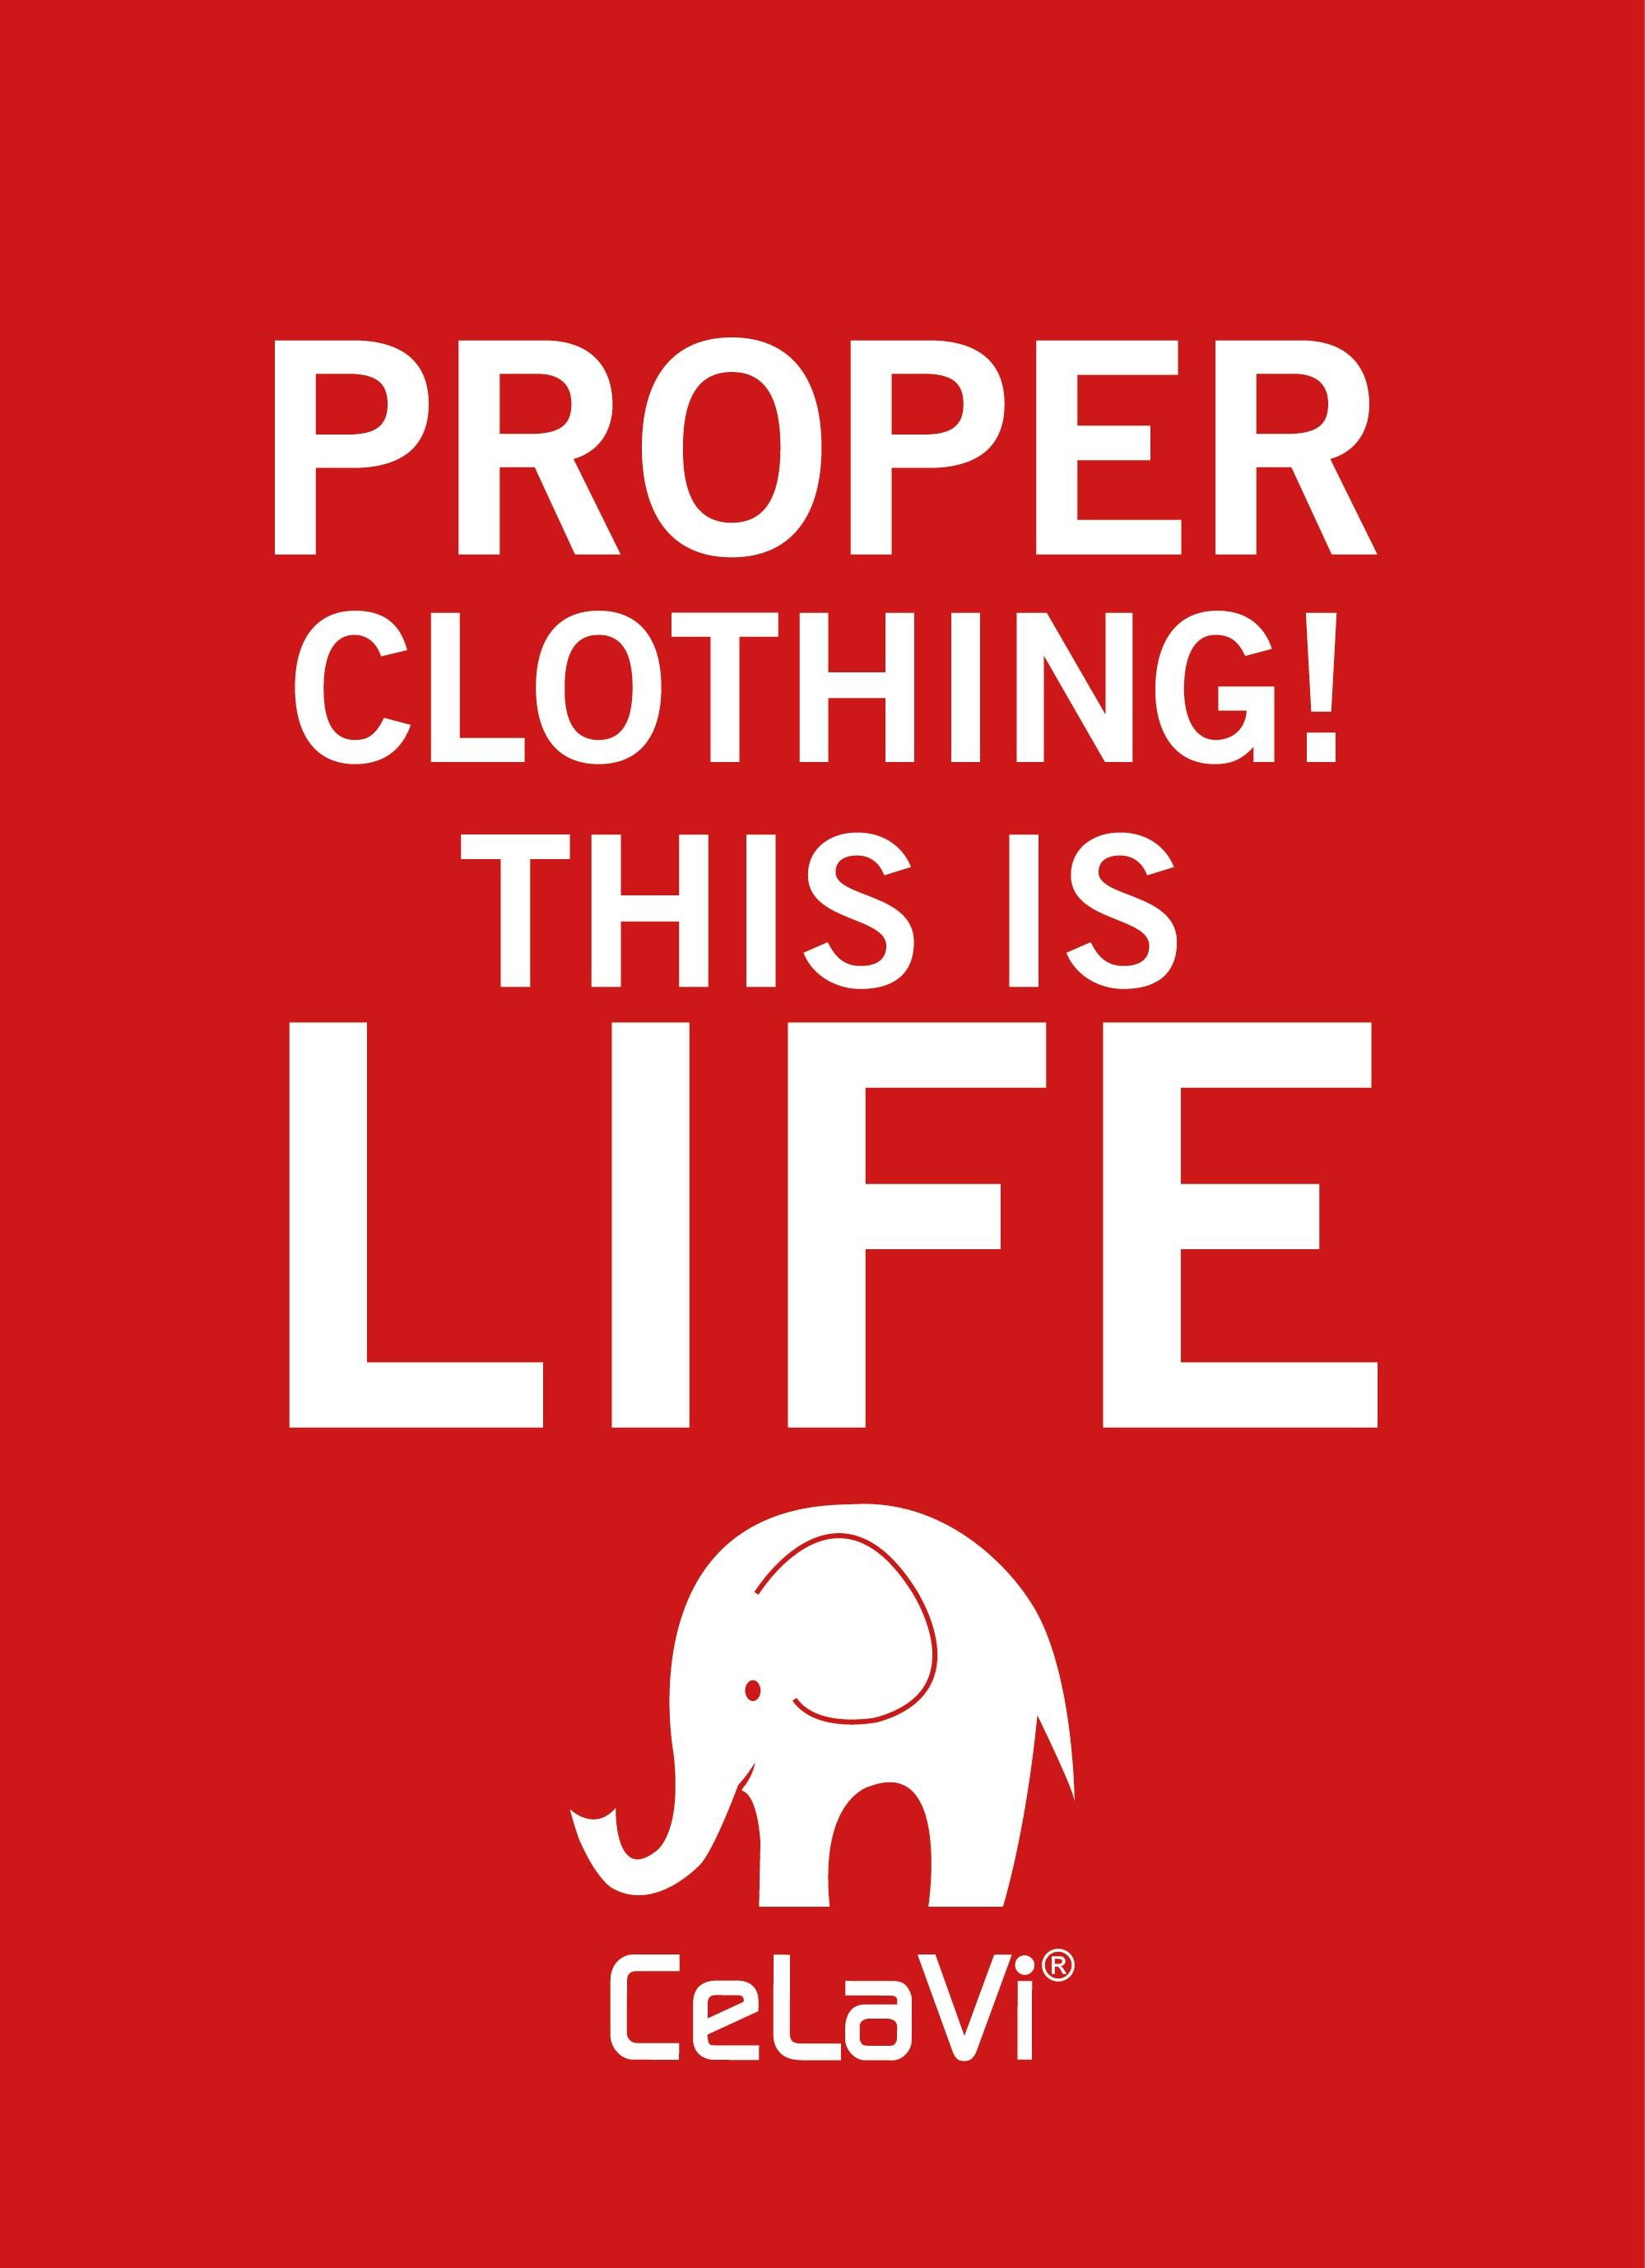 Proper_clothing cmyk